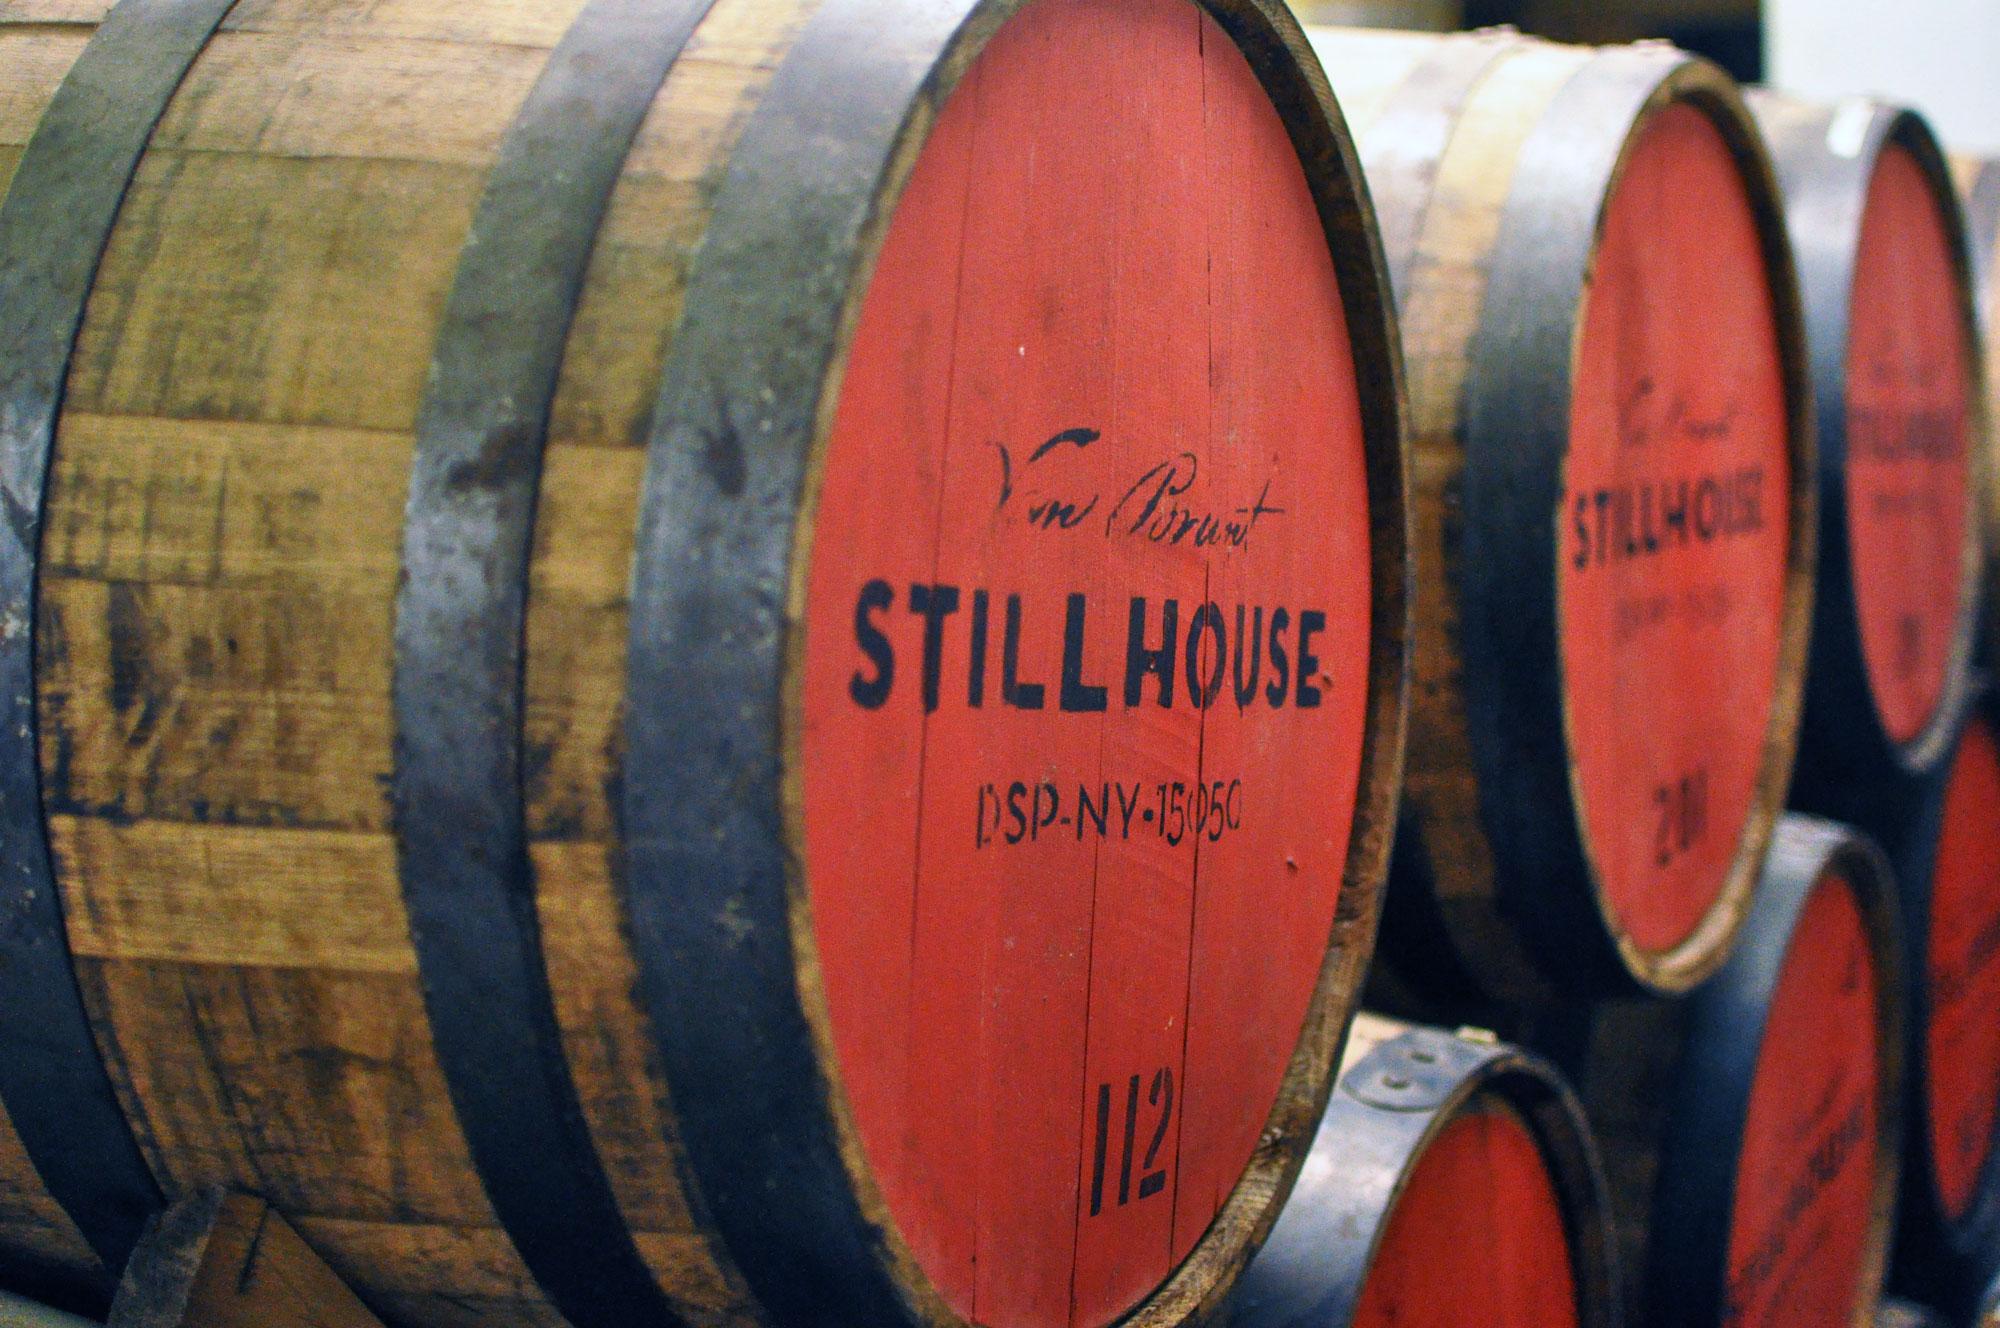 Van Brunt Stillhouse whiskey aging barrels